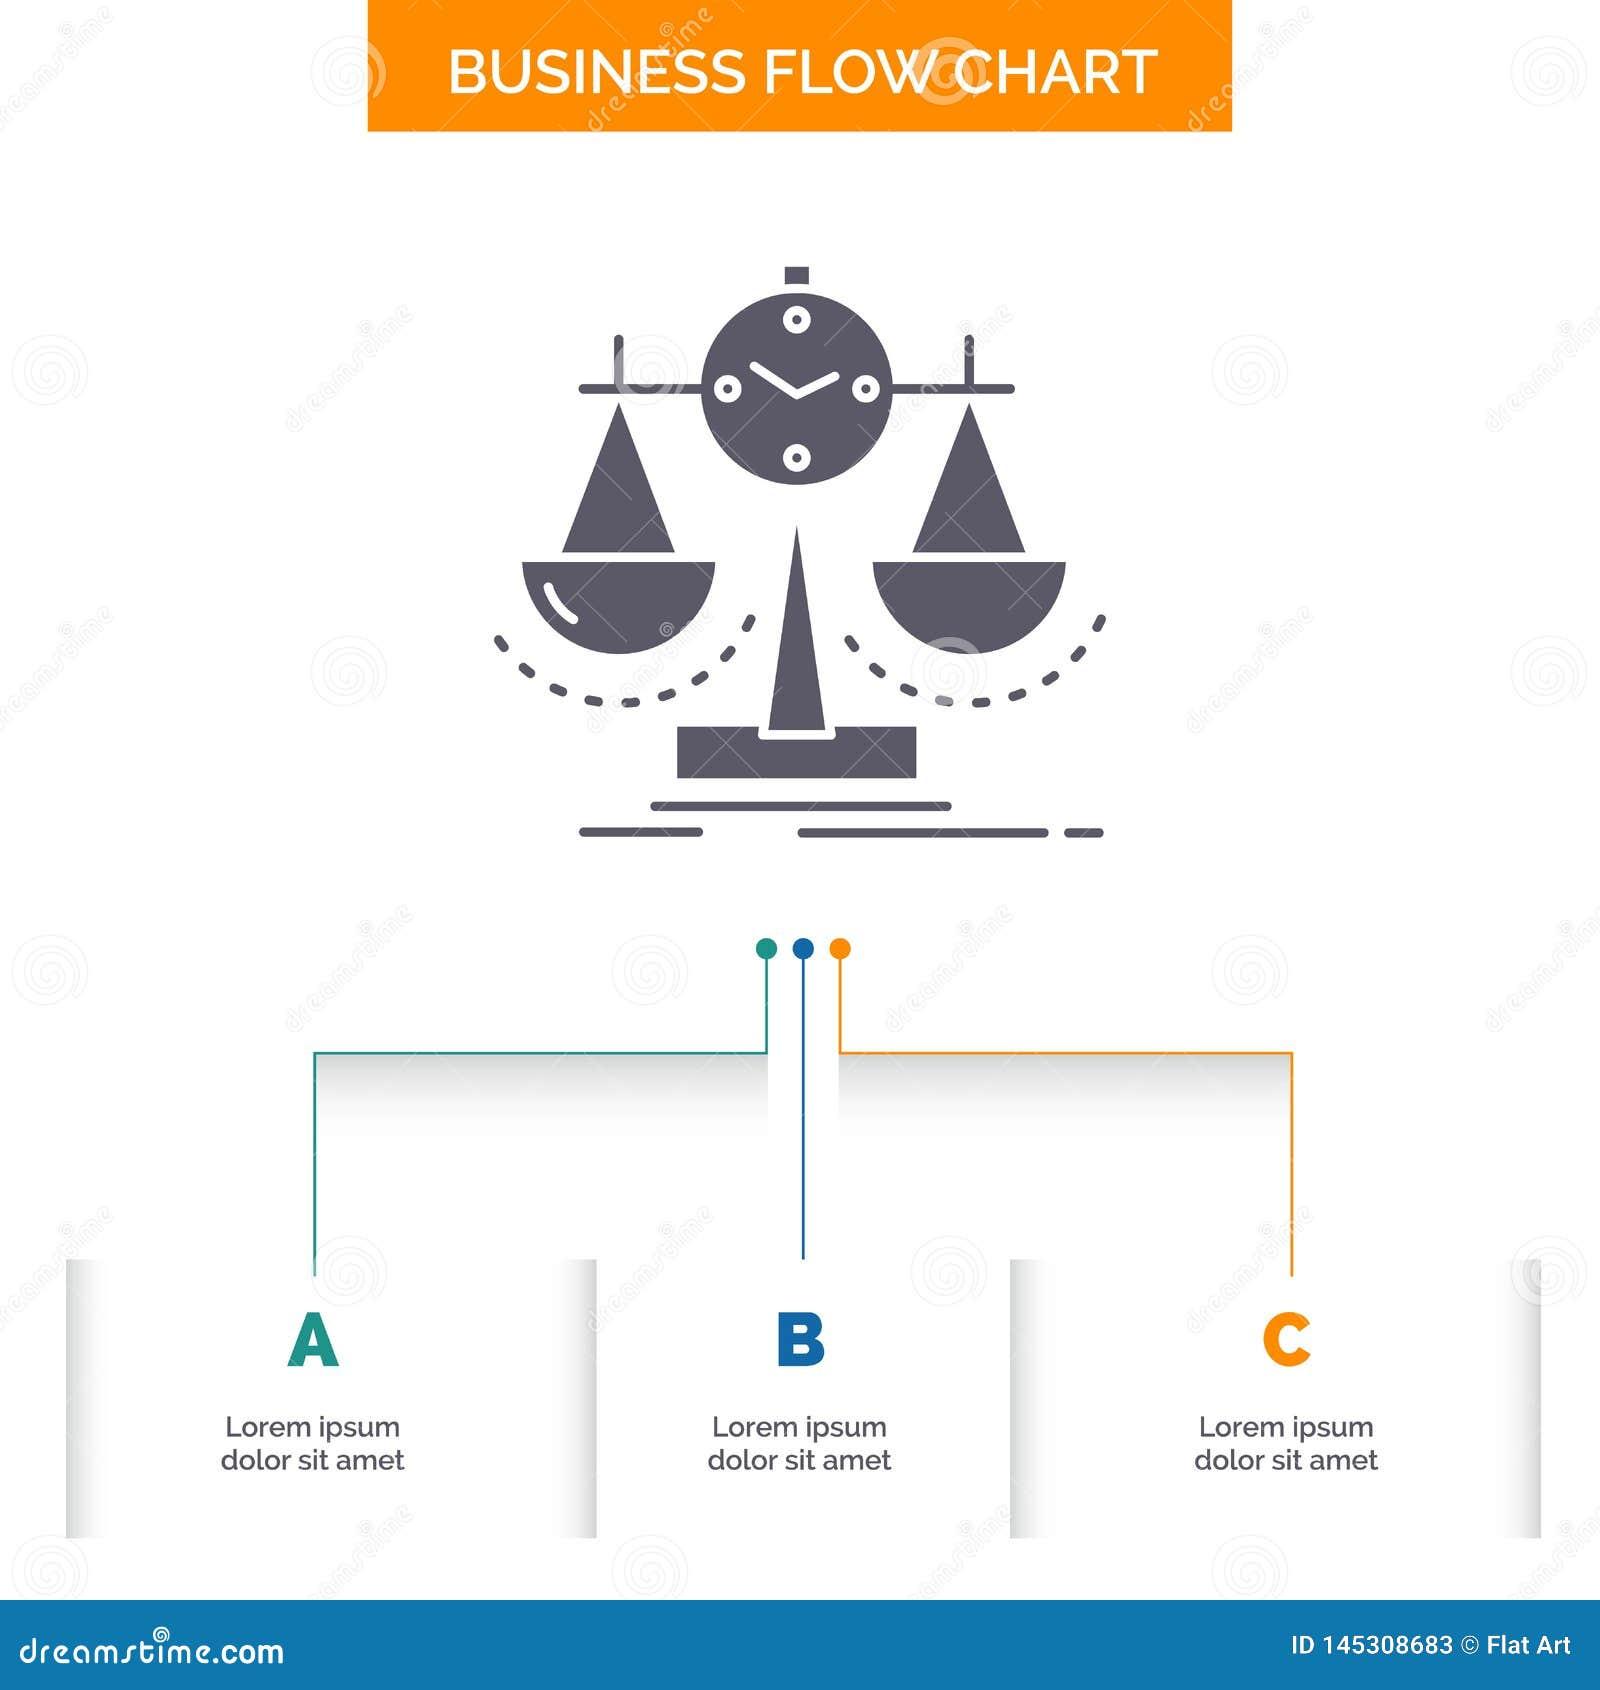 Ισορροπημένος, διαχείριση, μέτρο, scorecard, σχέδιο διαγραμμάτων επιχειρησιακής ροής στρατηγικής με 3 βήματα Εικονίδιο Glyph για